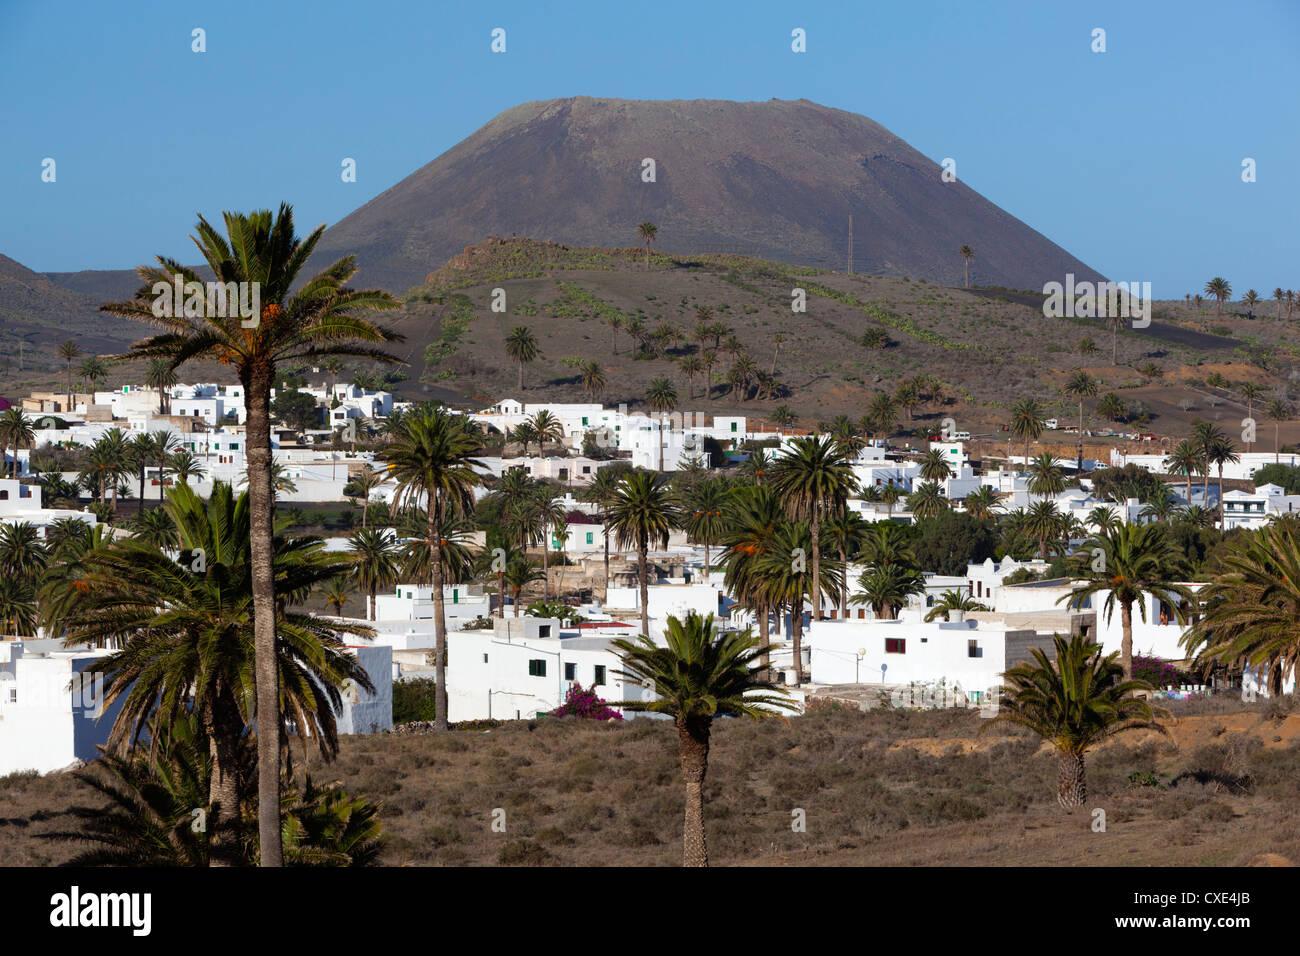 Blick über Dorf Haria, Lanzarote, Kanarische Inseln, Spanien Stockfoto